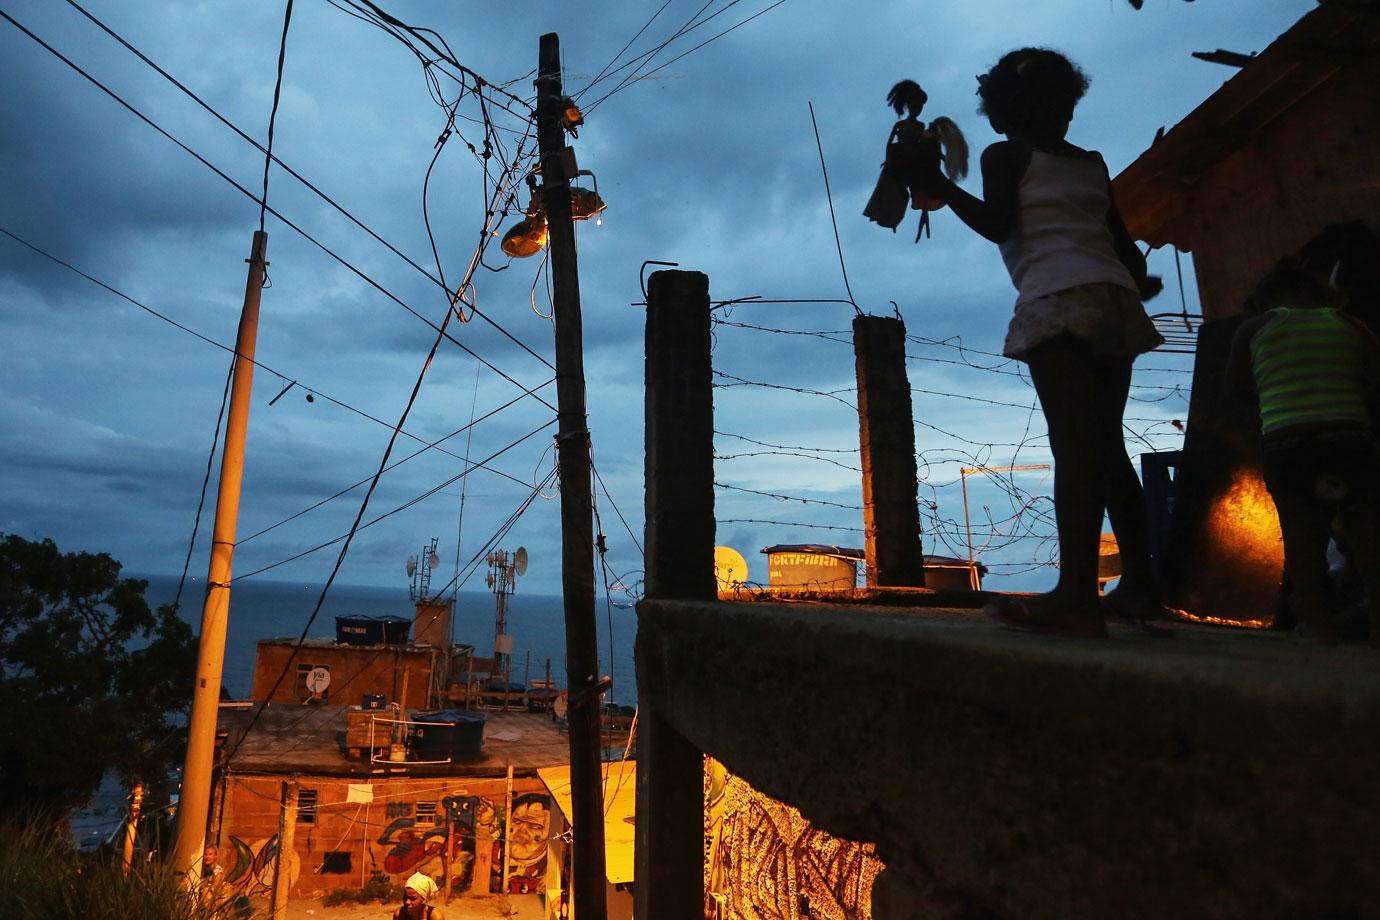 RJ dobra nº de crianças no tráfico em uma década. Clisk pra ver mais...